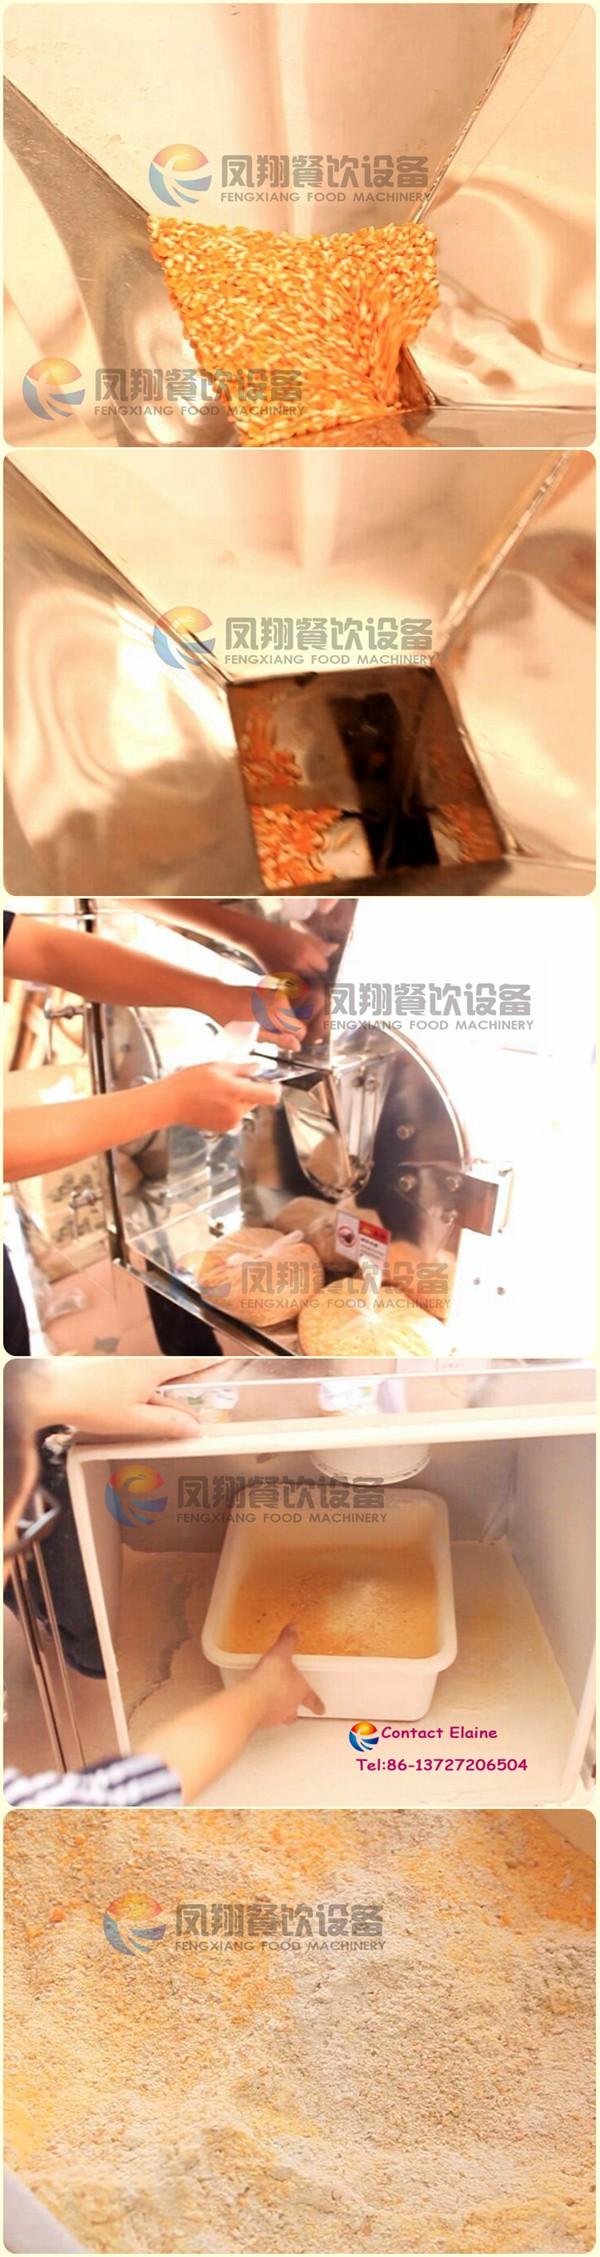 Industrial Wheat Flour Chili Powder Grinder Machine Good Prices